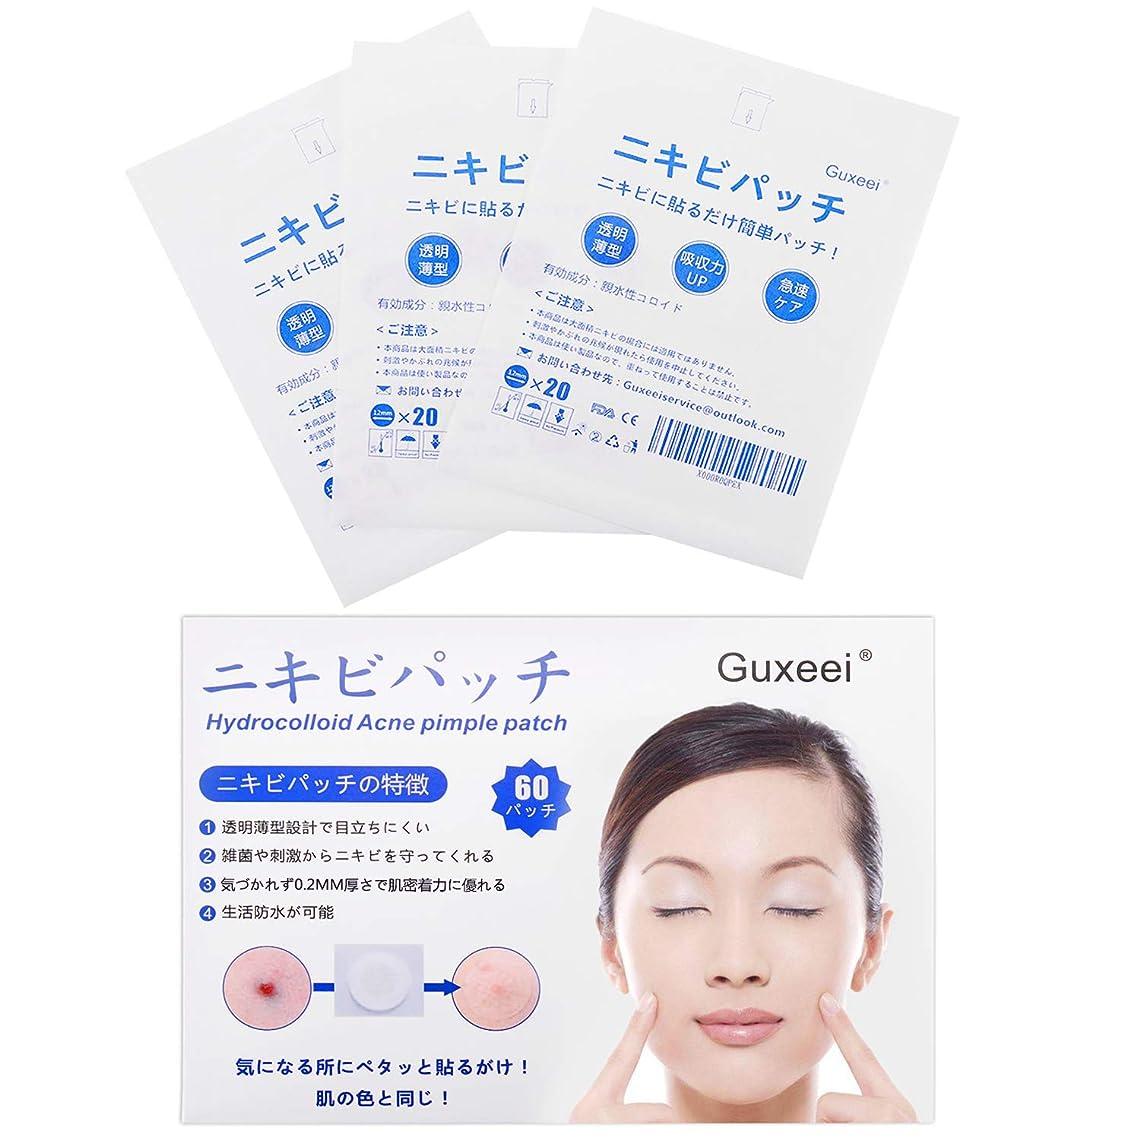 ワーディアンケース有害なメッシュGuxeei スポット ニキビ コンシーラー Acne Pimple Patch 12mm(3枚 60パッチ入り )